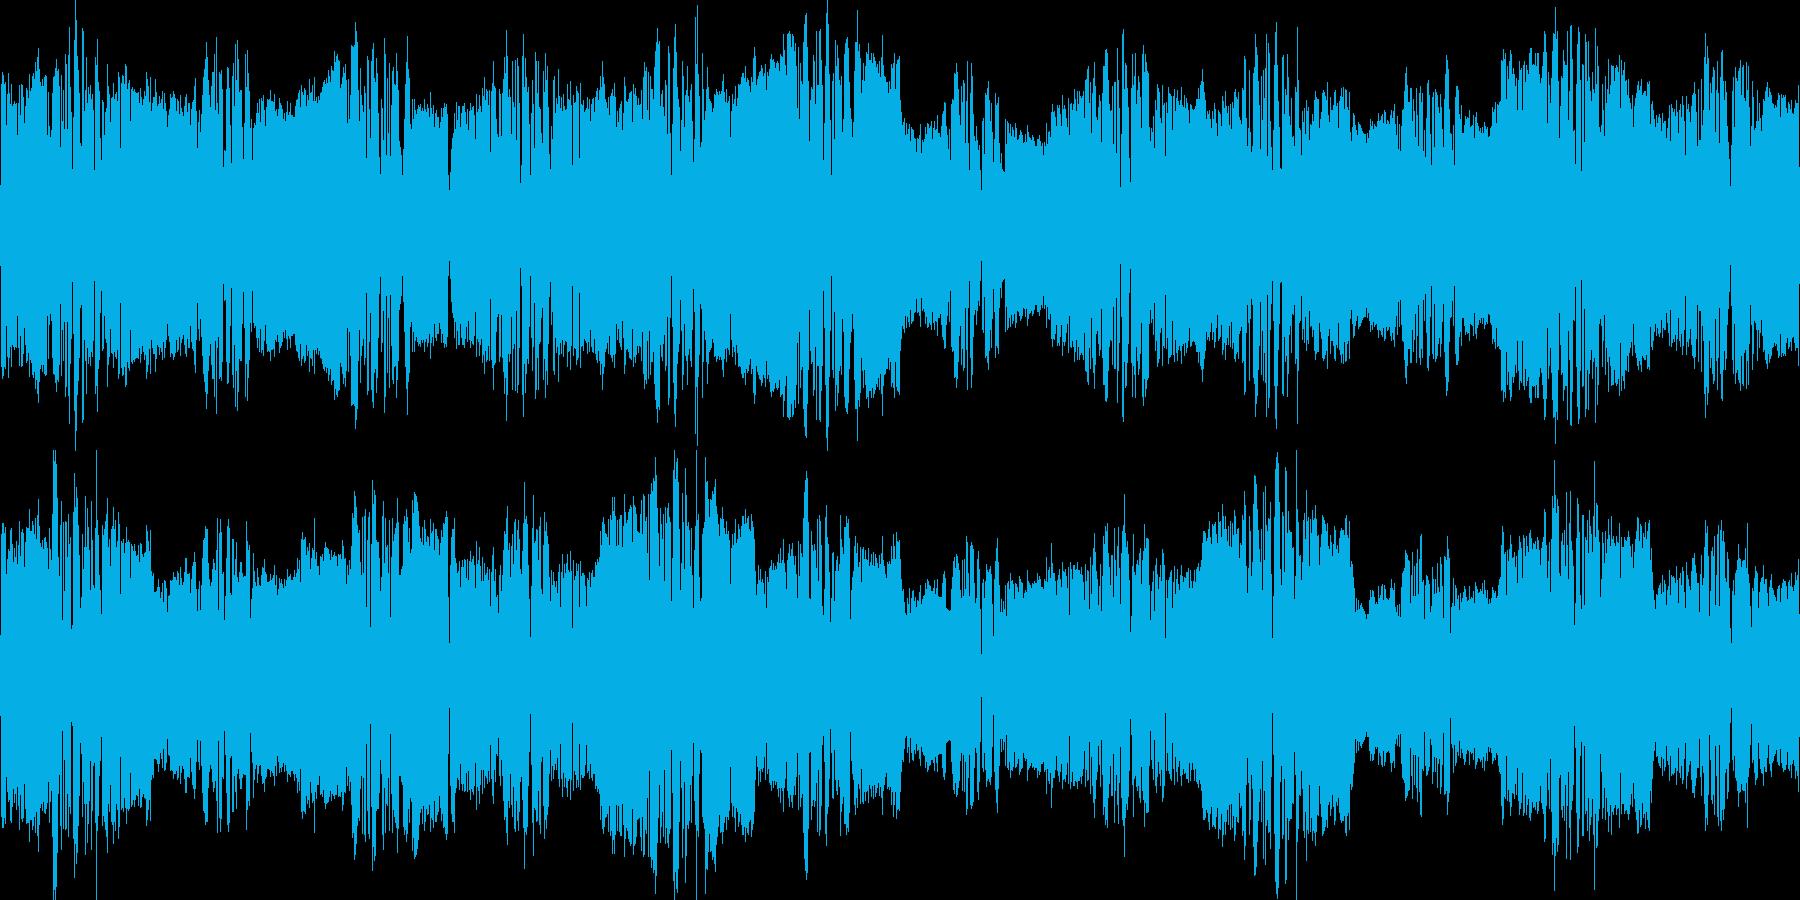 ワウワウぐるぐる不思議疑問浮遊系の再生済みの波形